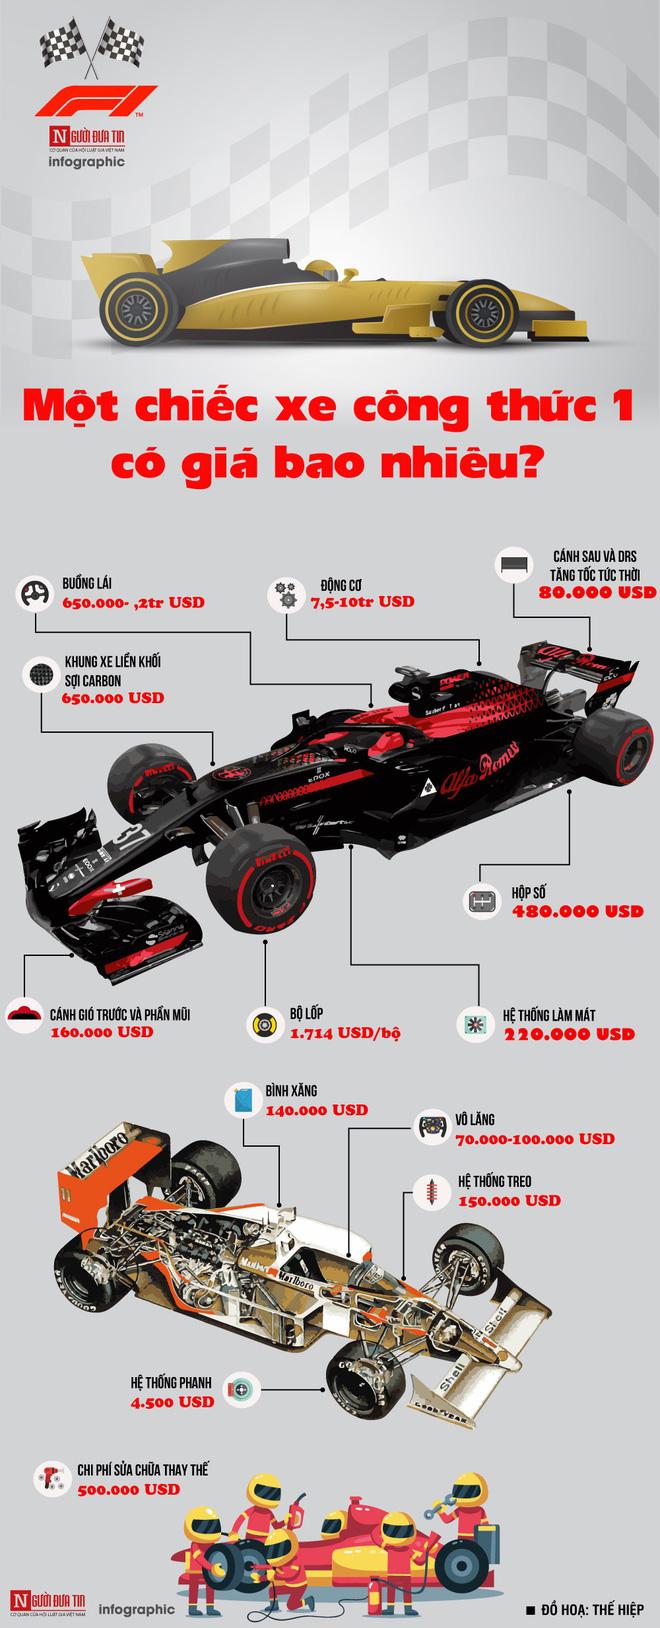 [Infographic] Chiếc xe đua công thức 1 đắt đỏ đến mức nào? - Ảnh 1.